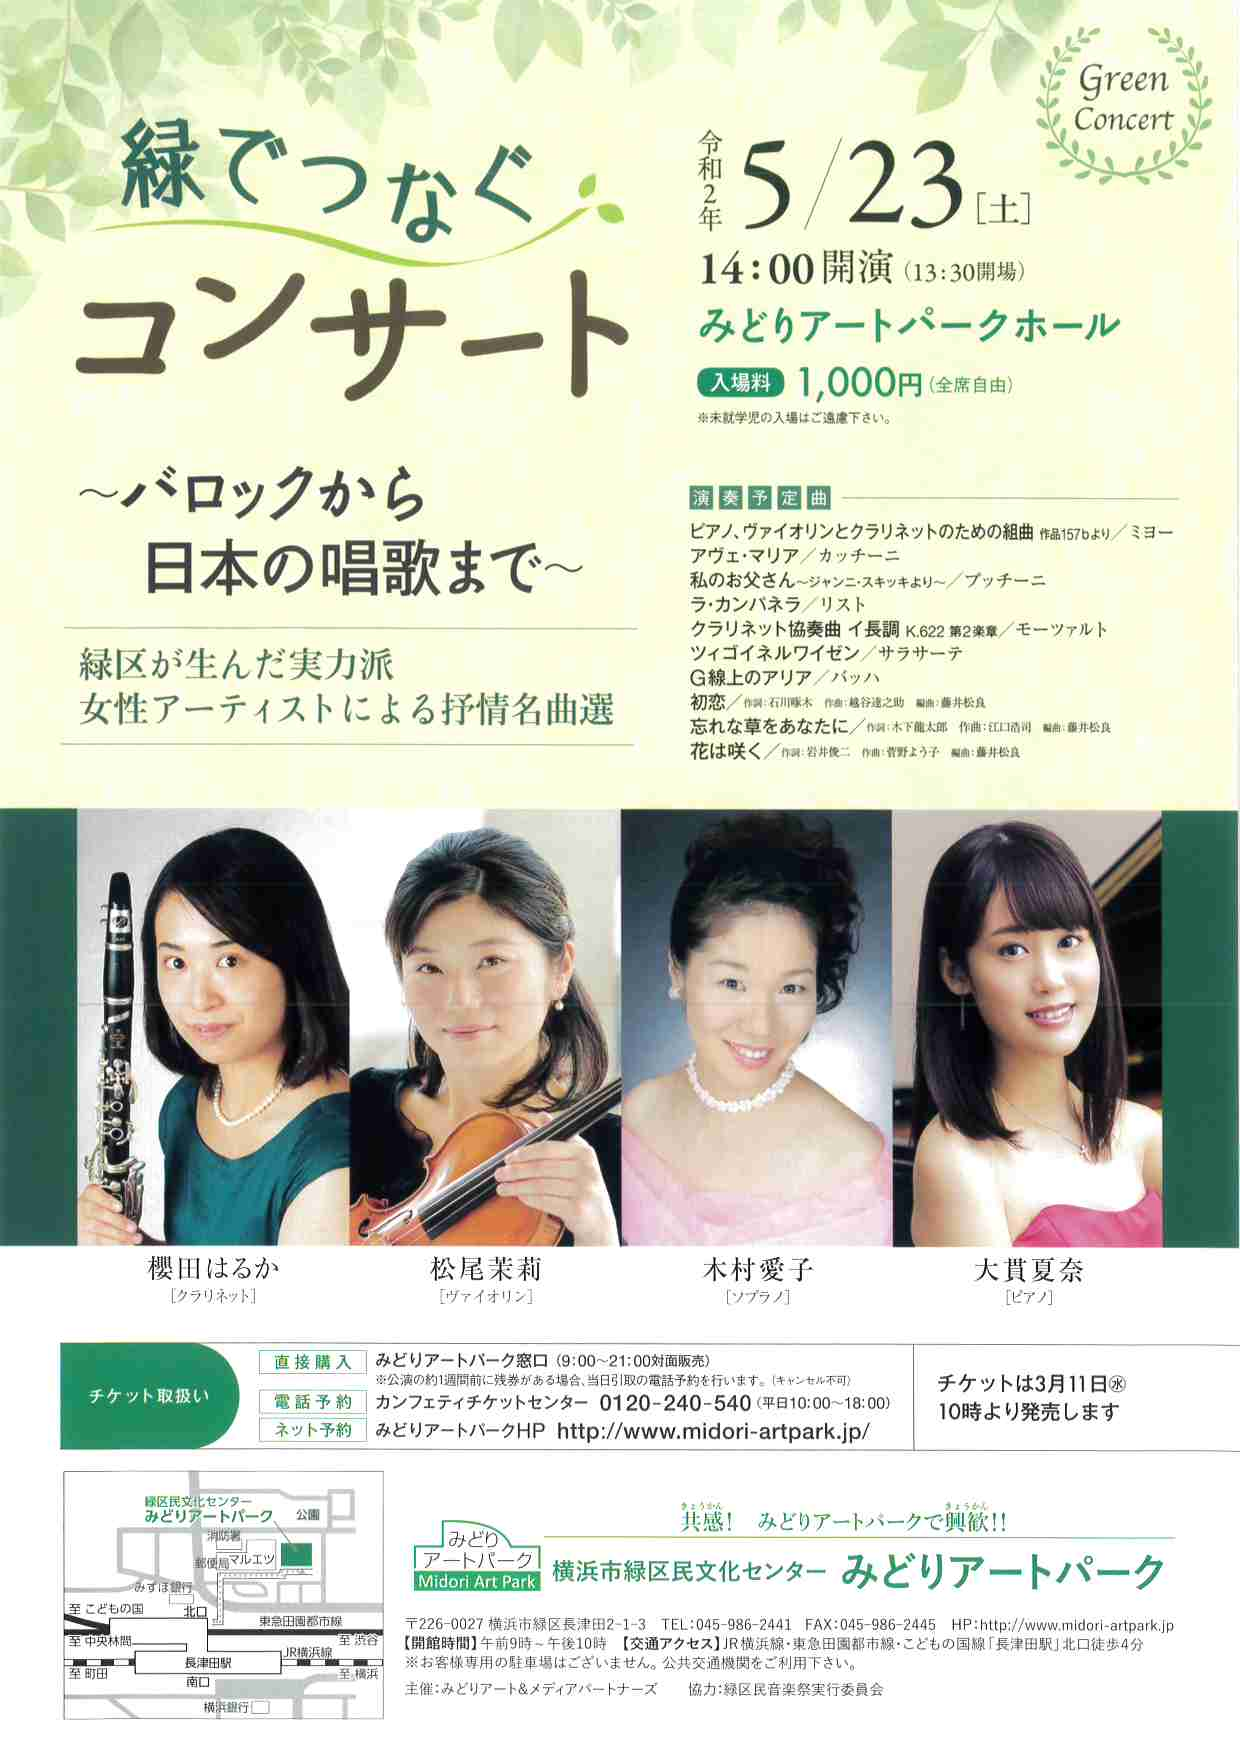 緑でつなぐコンサート 〜バロックから日本の唱歌まで〜